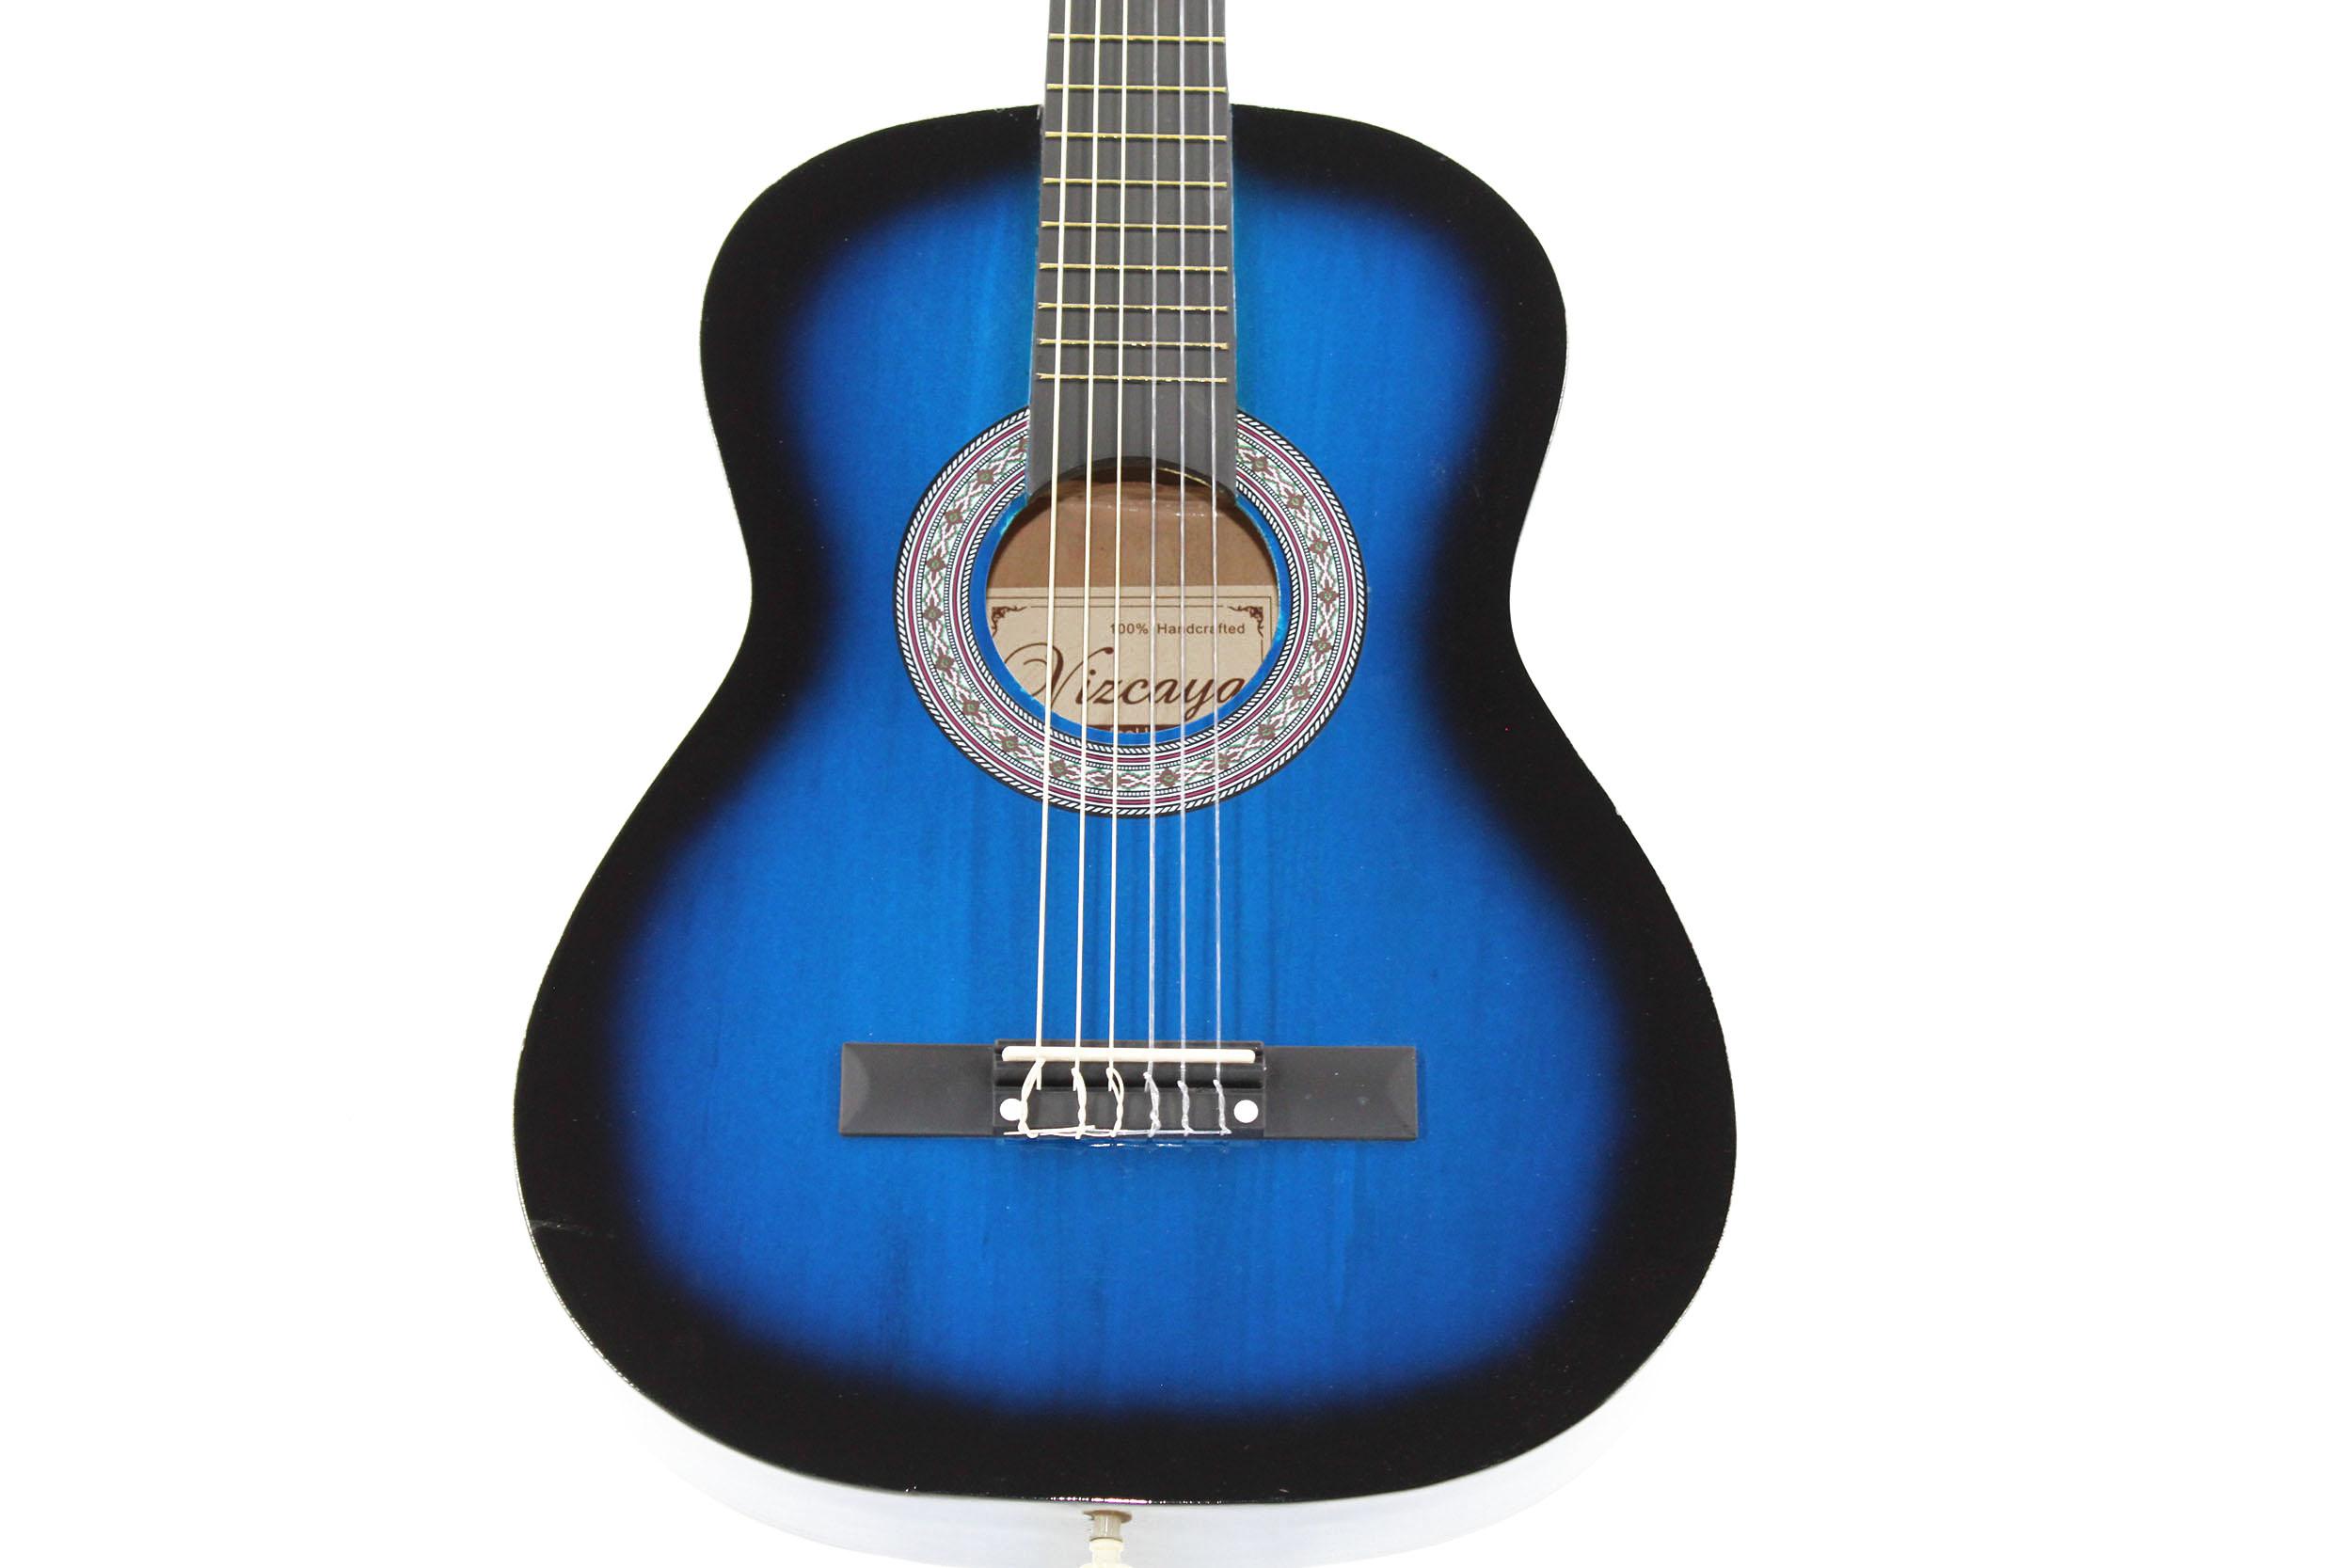 Artesanato em madeira maciça violão/guitarra acústica